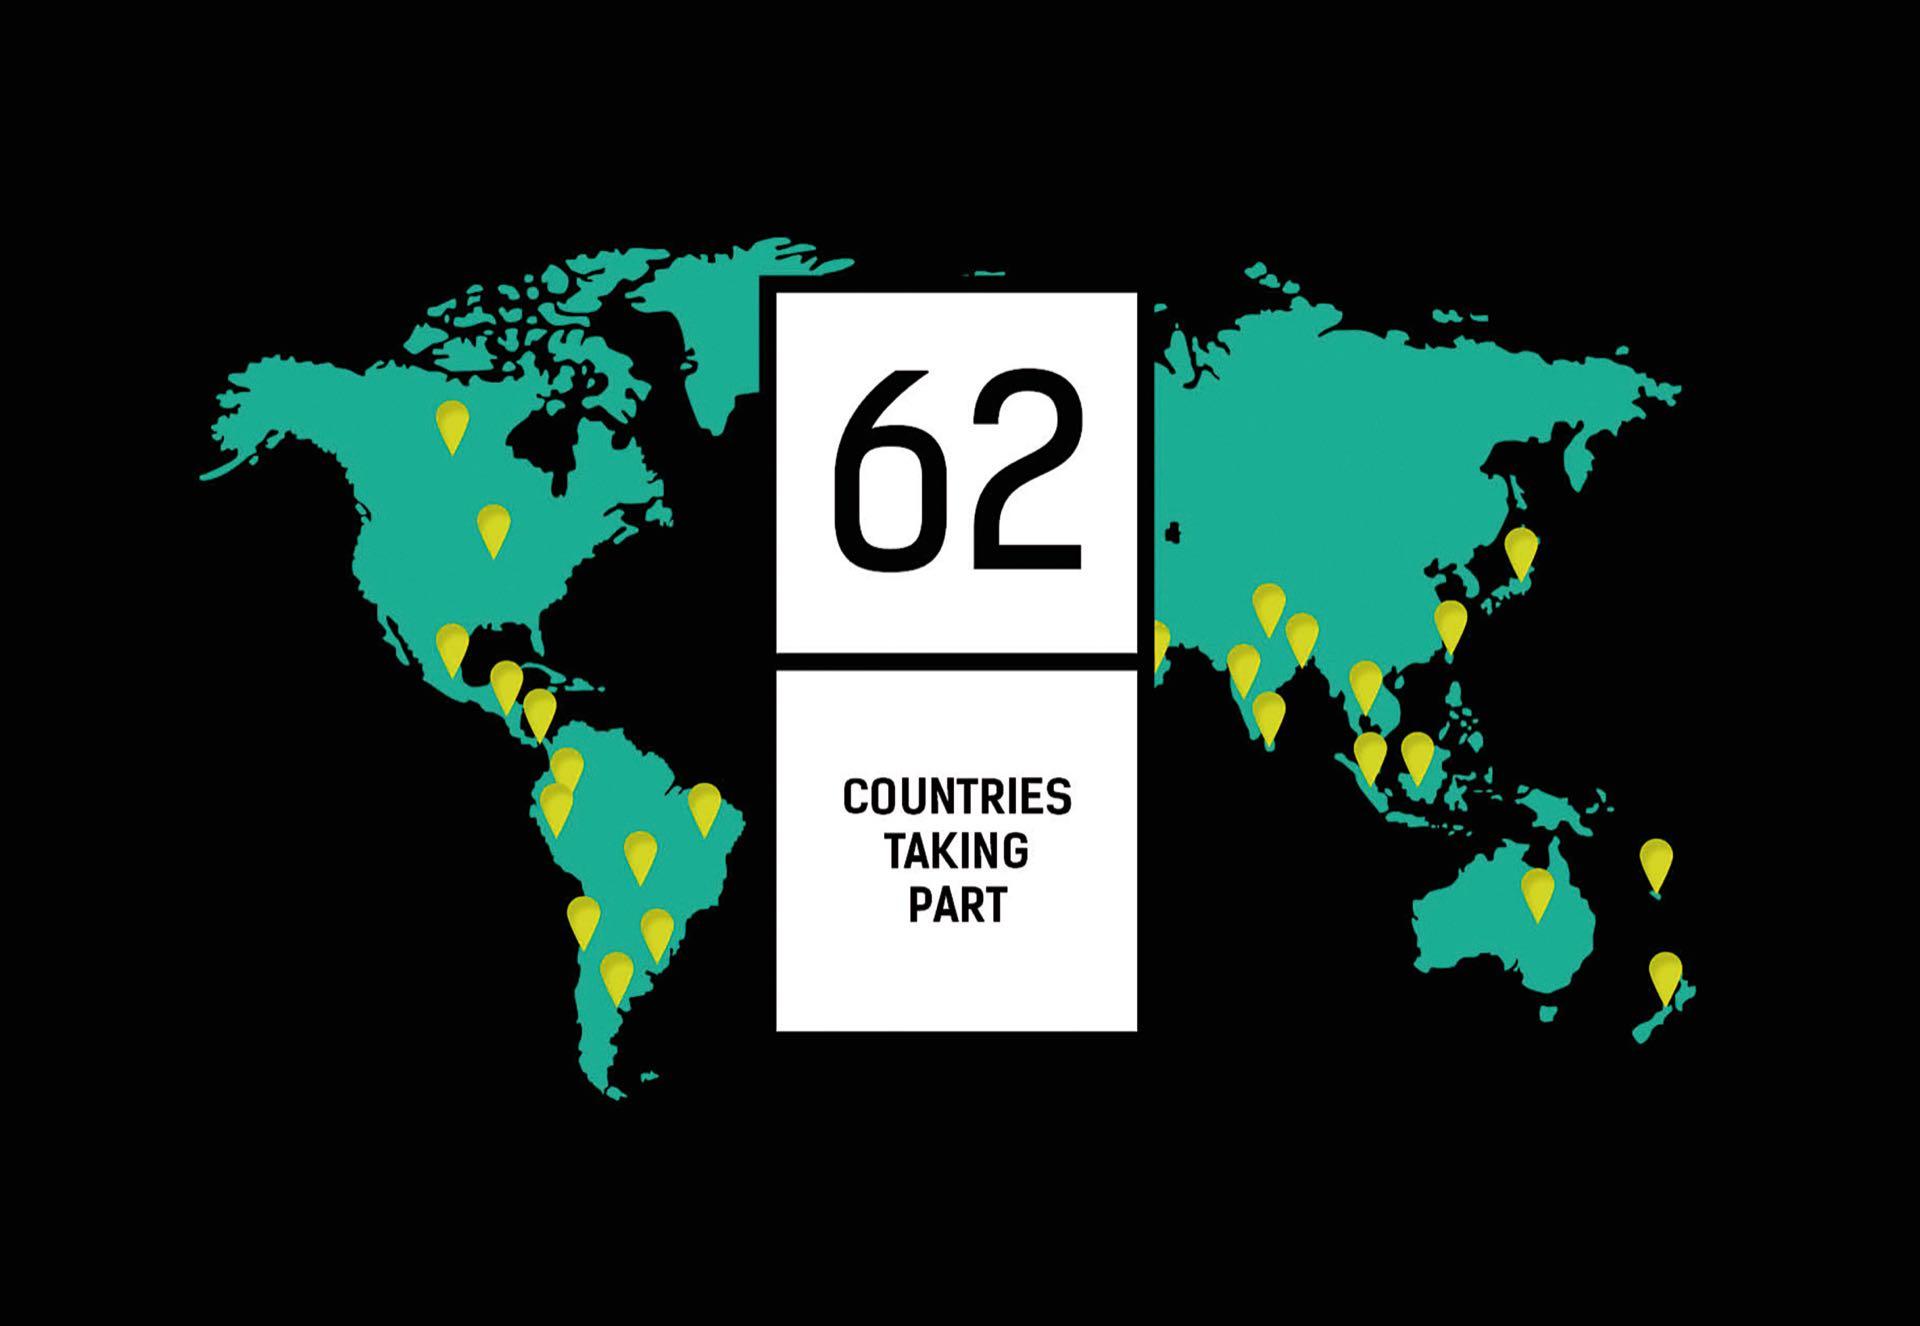 El movimiento se globalizó y alcanza a 62 países del mundo. El fashion revolution se hace notar desde los diseños de flyers de lo más originales.